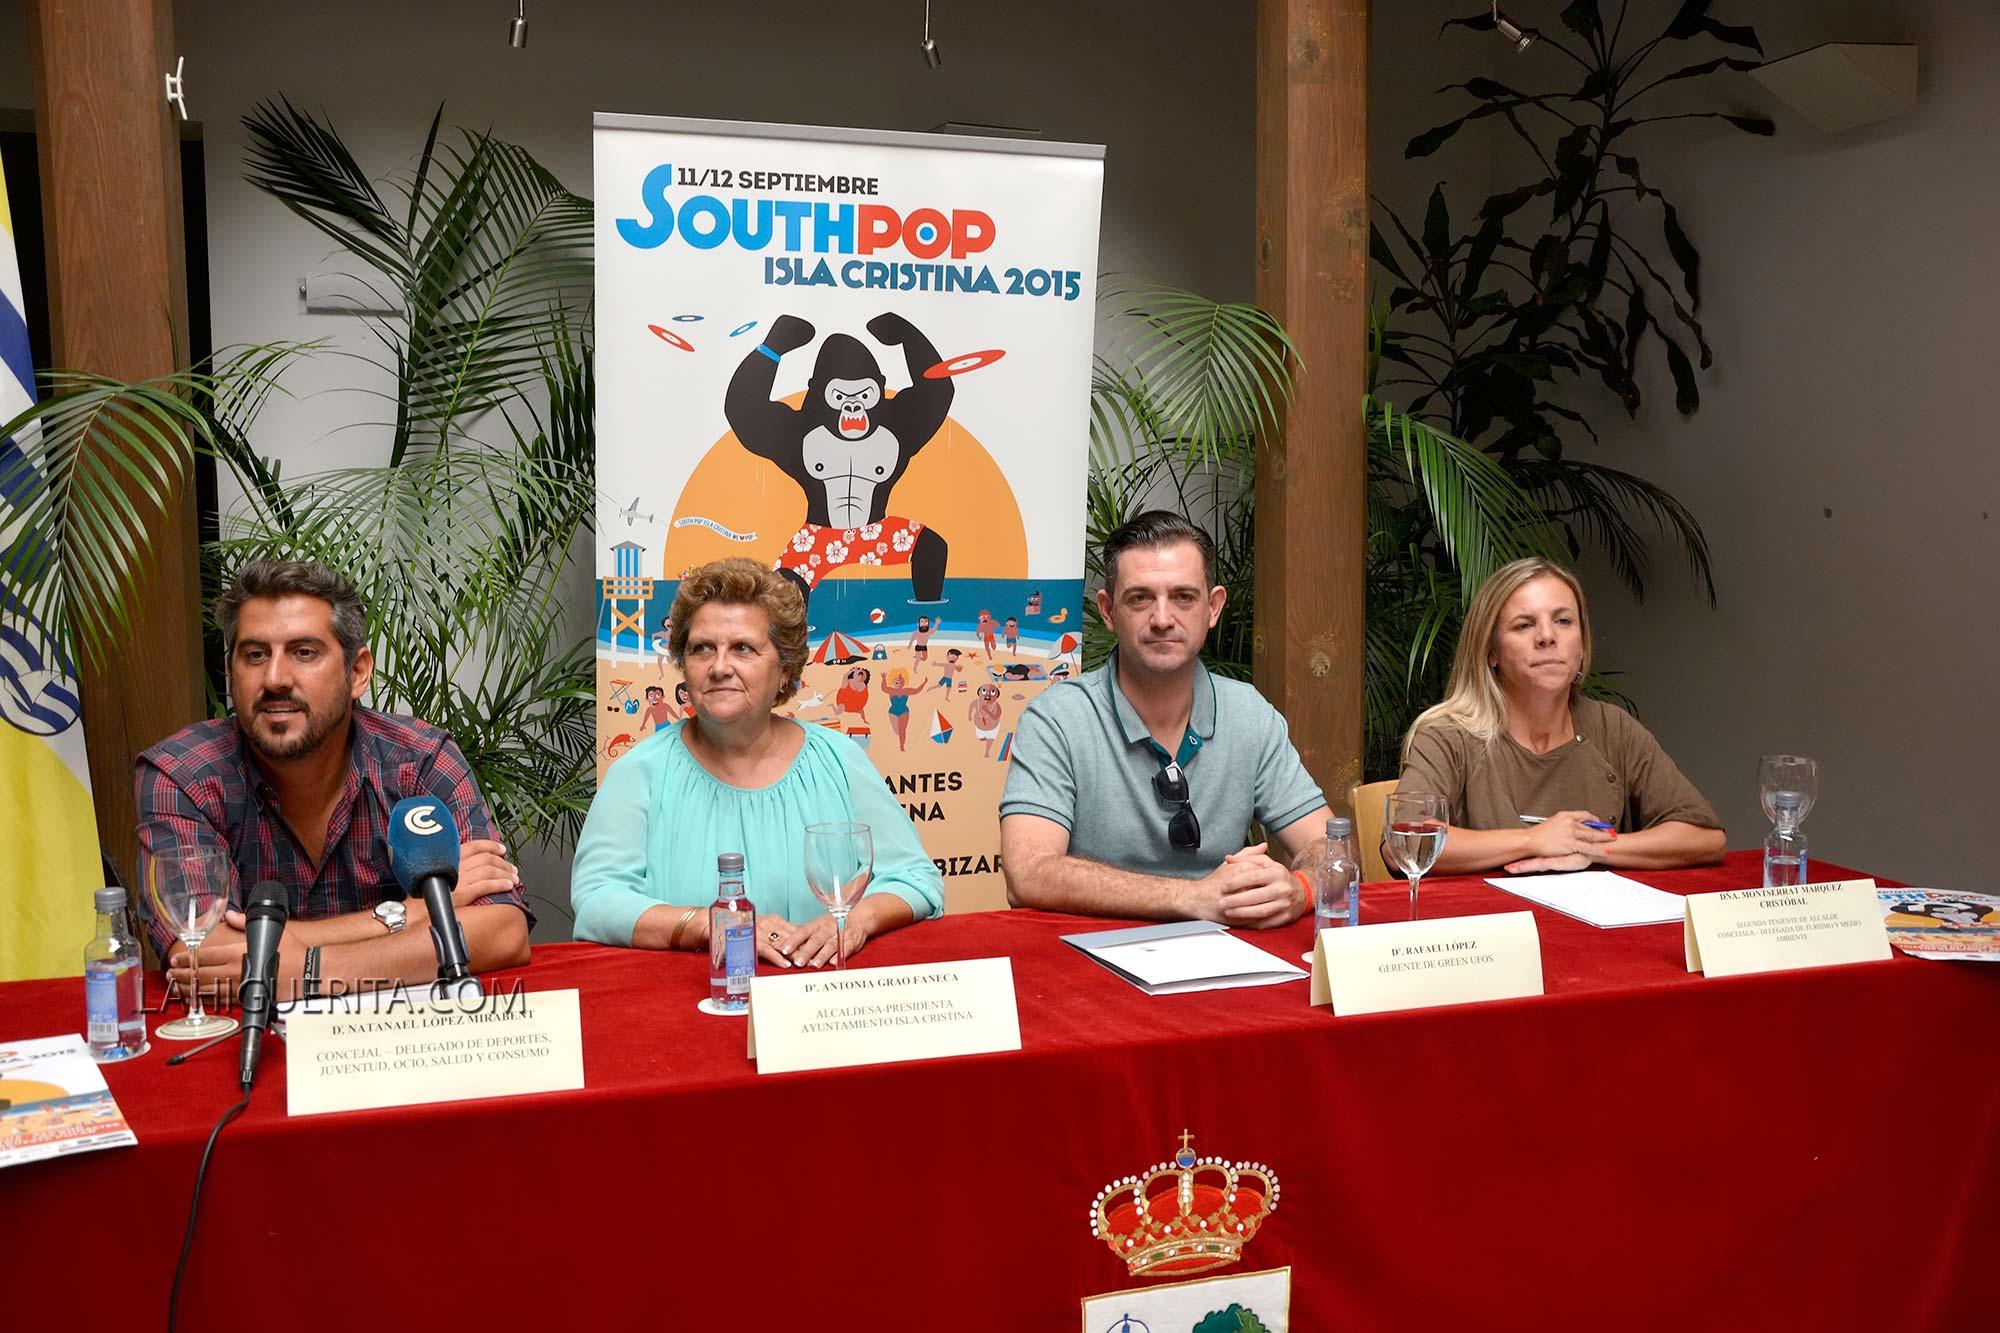 Presentación Southpop 2015